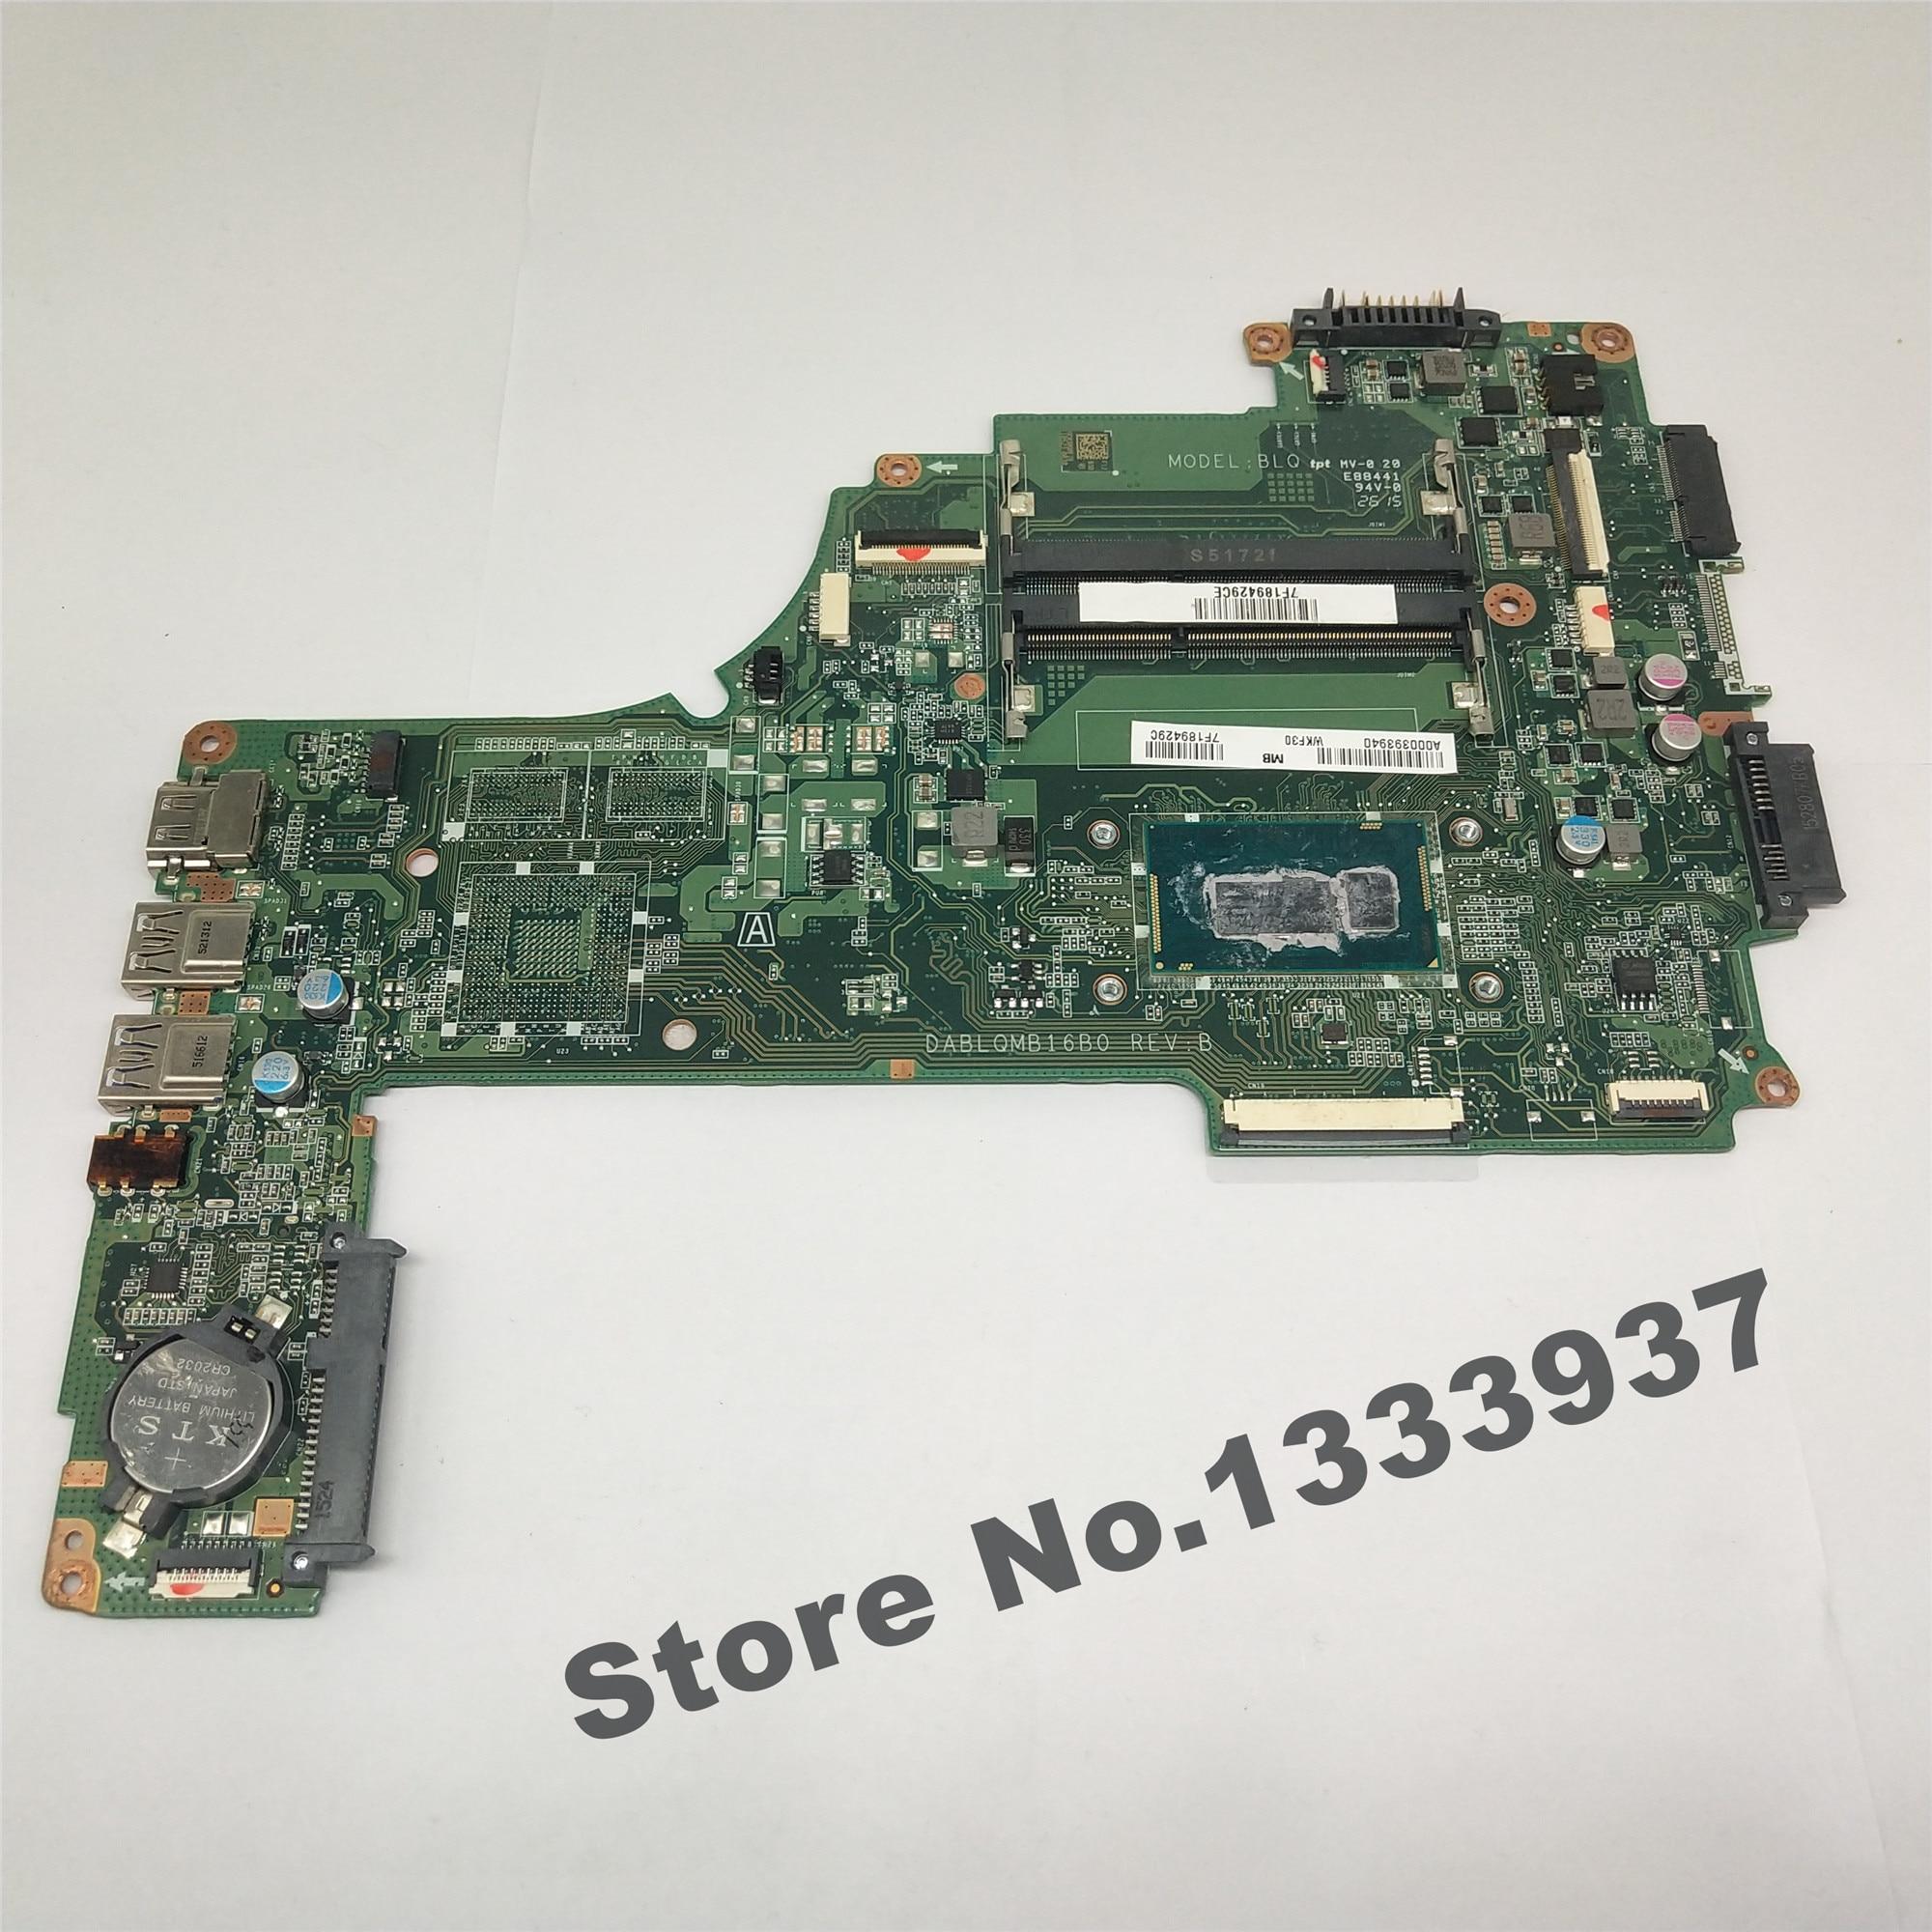 اللوحة الرئيسية لتوتوشيبا الأقمار الصناعية C50-C C55-C اللوحة الأم A000393940 dpl qmb16b0 SR1EK i3-4005U